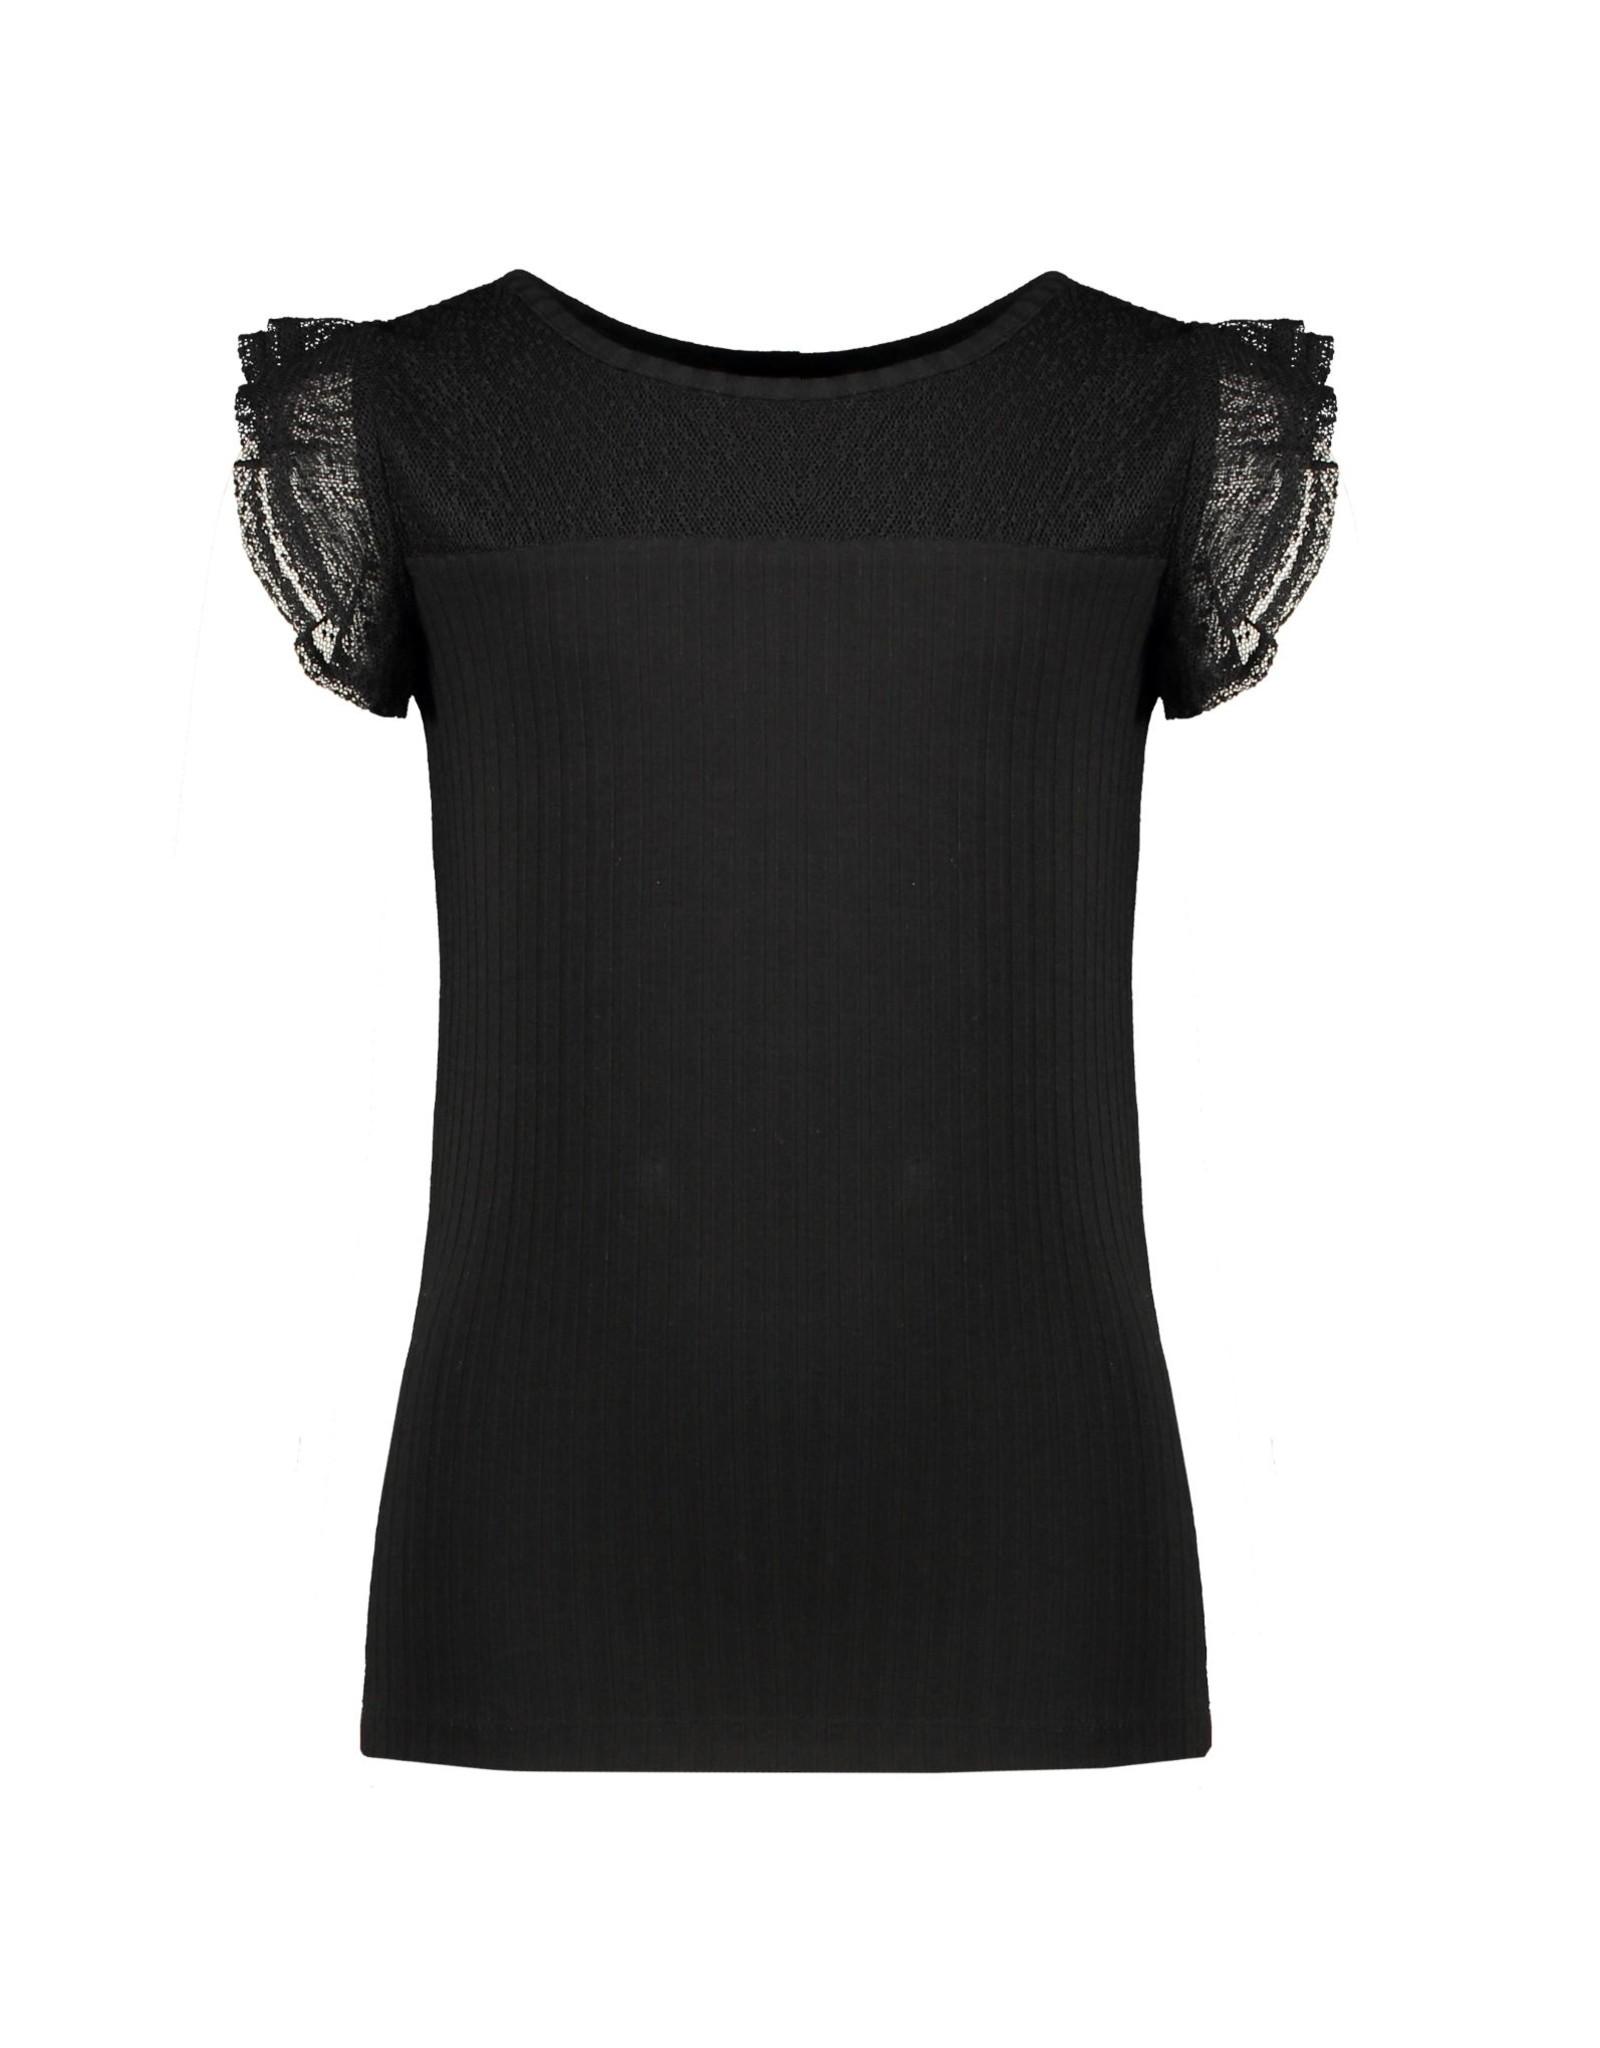 NONO NONO shirt 5403 antracite